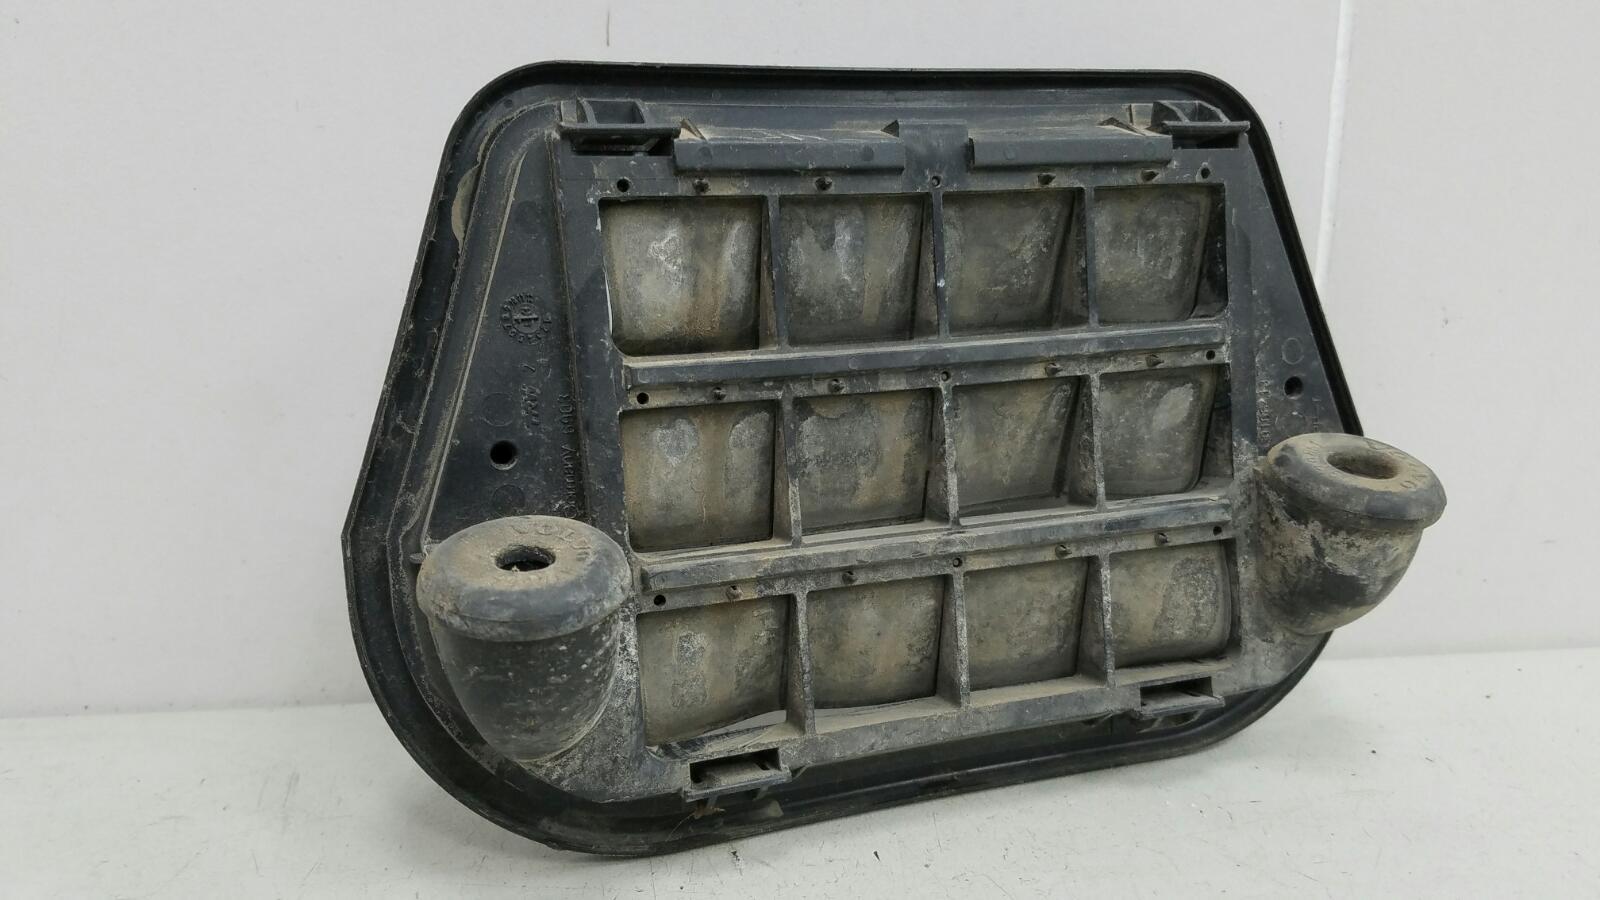 Клапан вентиляции багажника Volvo C70 Купэ NK B5234T3 2001г задний левый